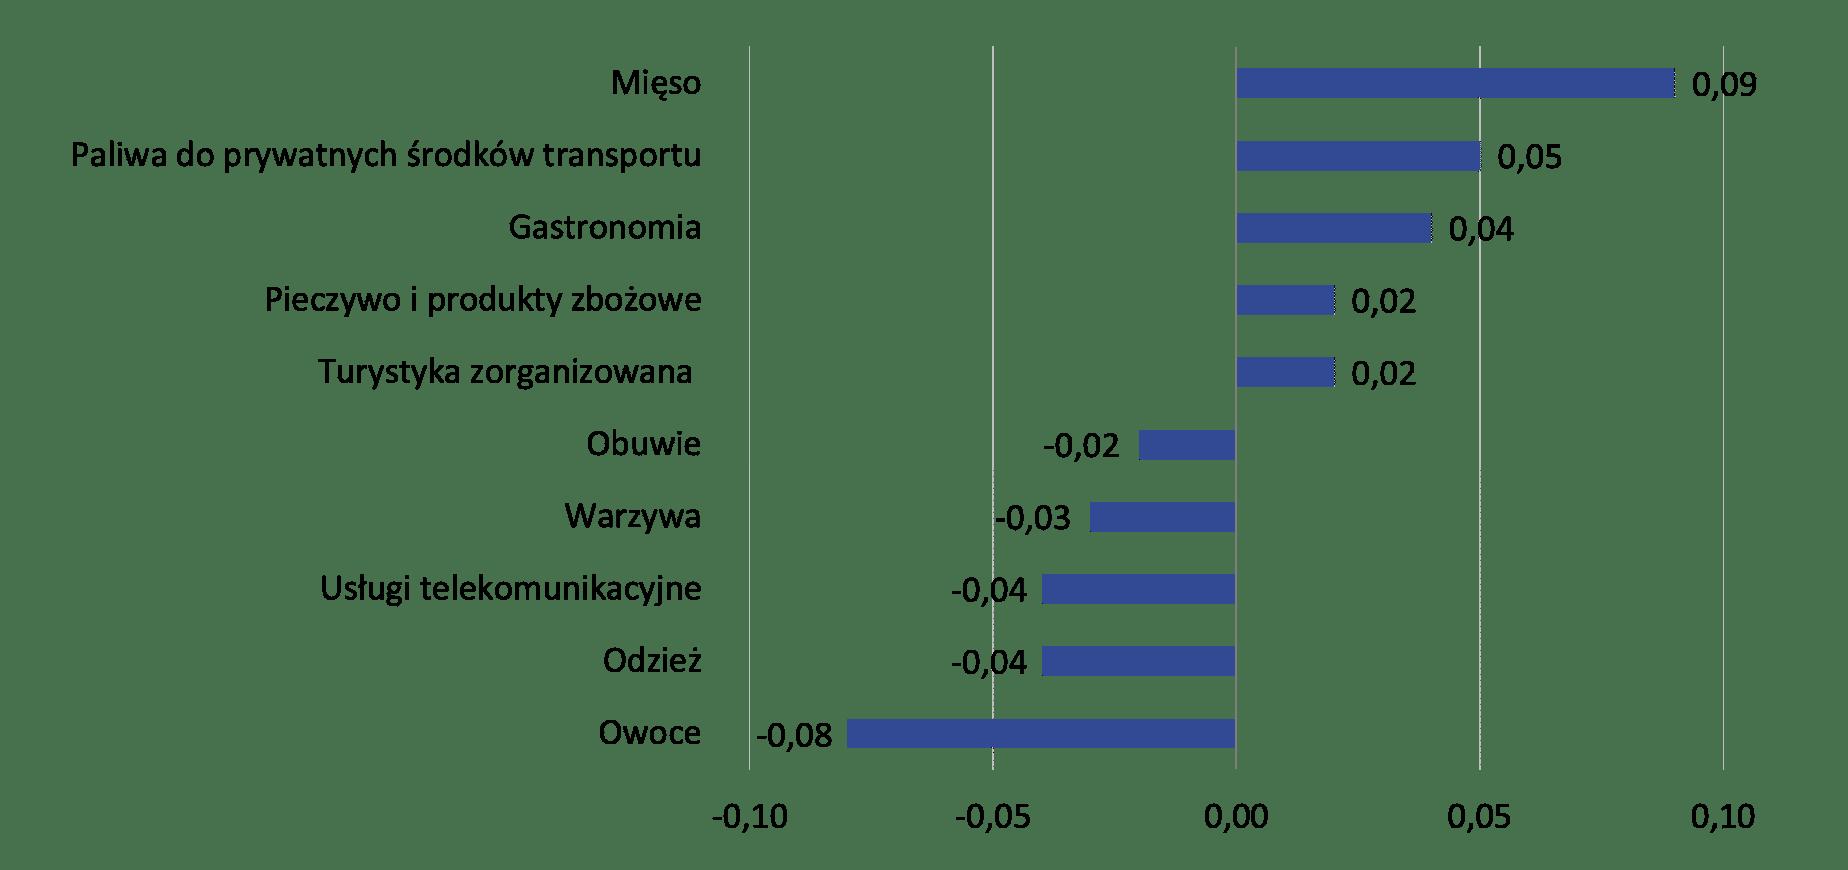 Wpływ zmian cen wybranych grup towarów i usług konsumpcyjnych w czerwcu 2021